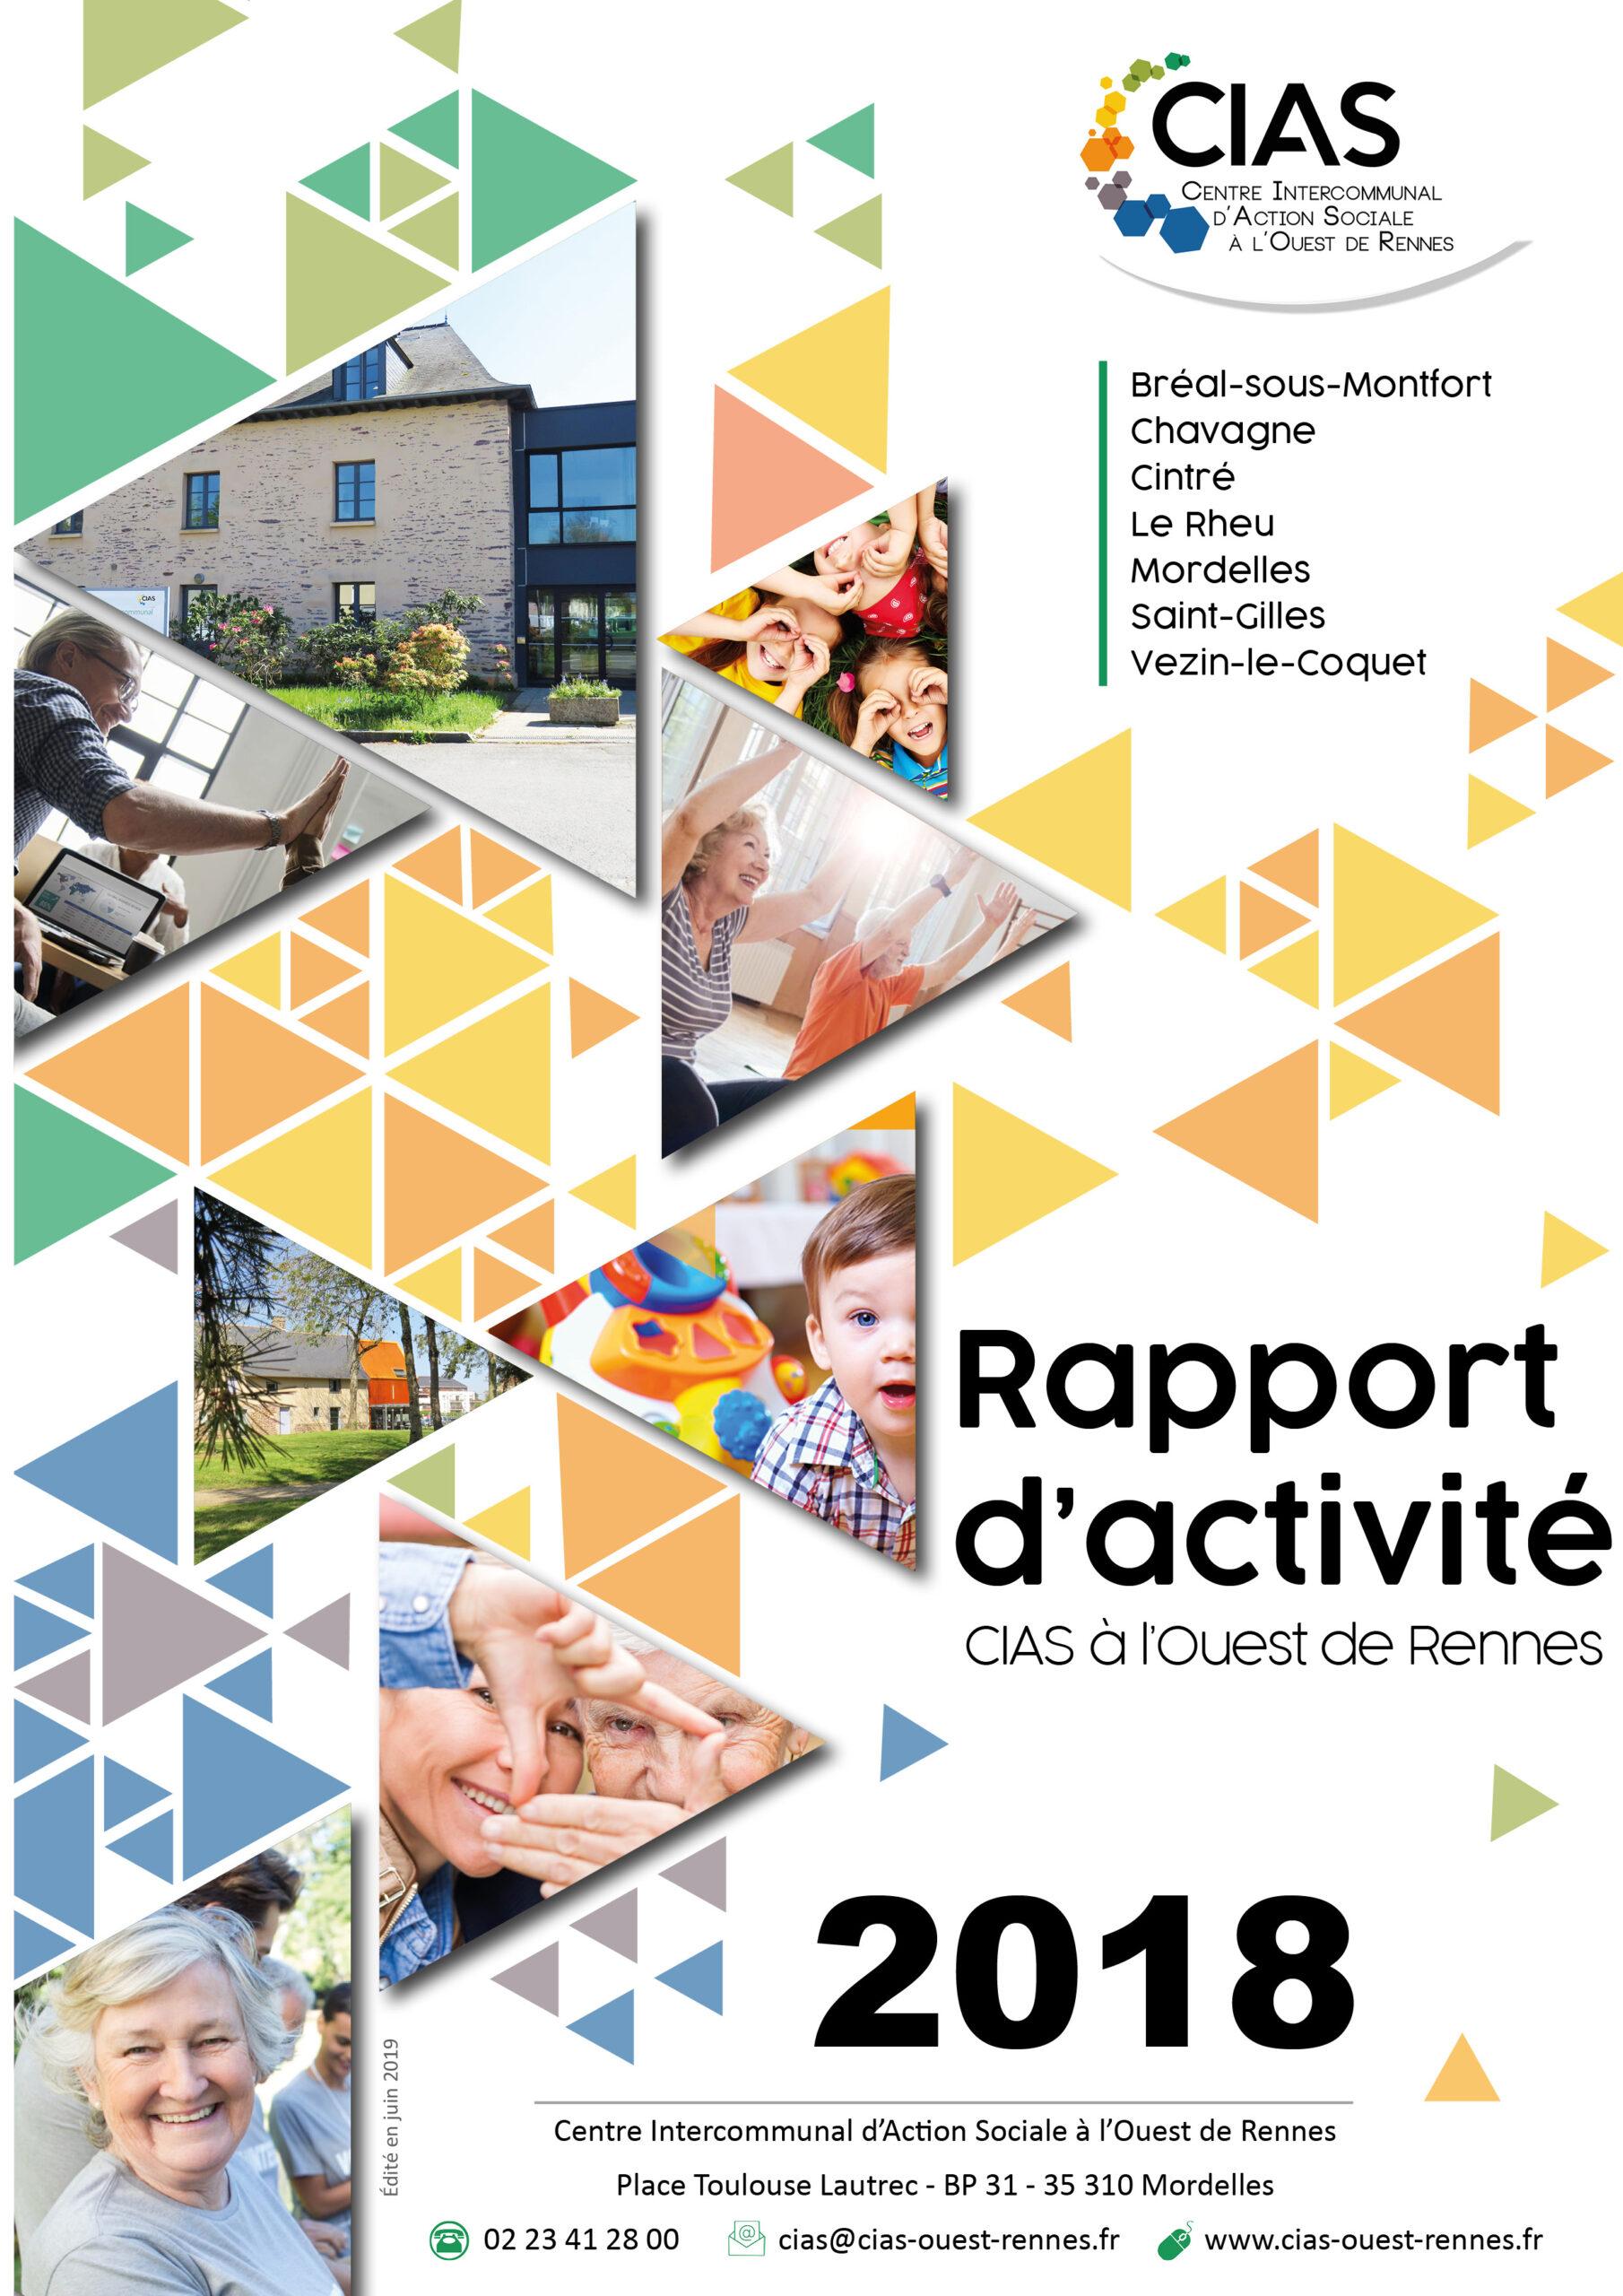 Rapport d'activité 2018 CIAS à l'Ouest de Rennes